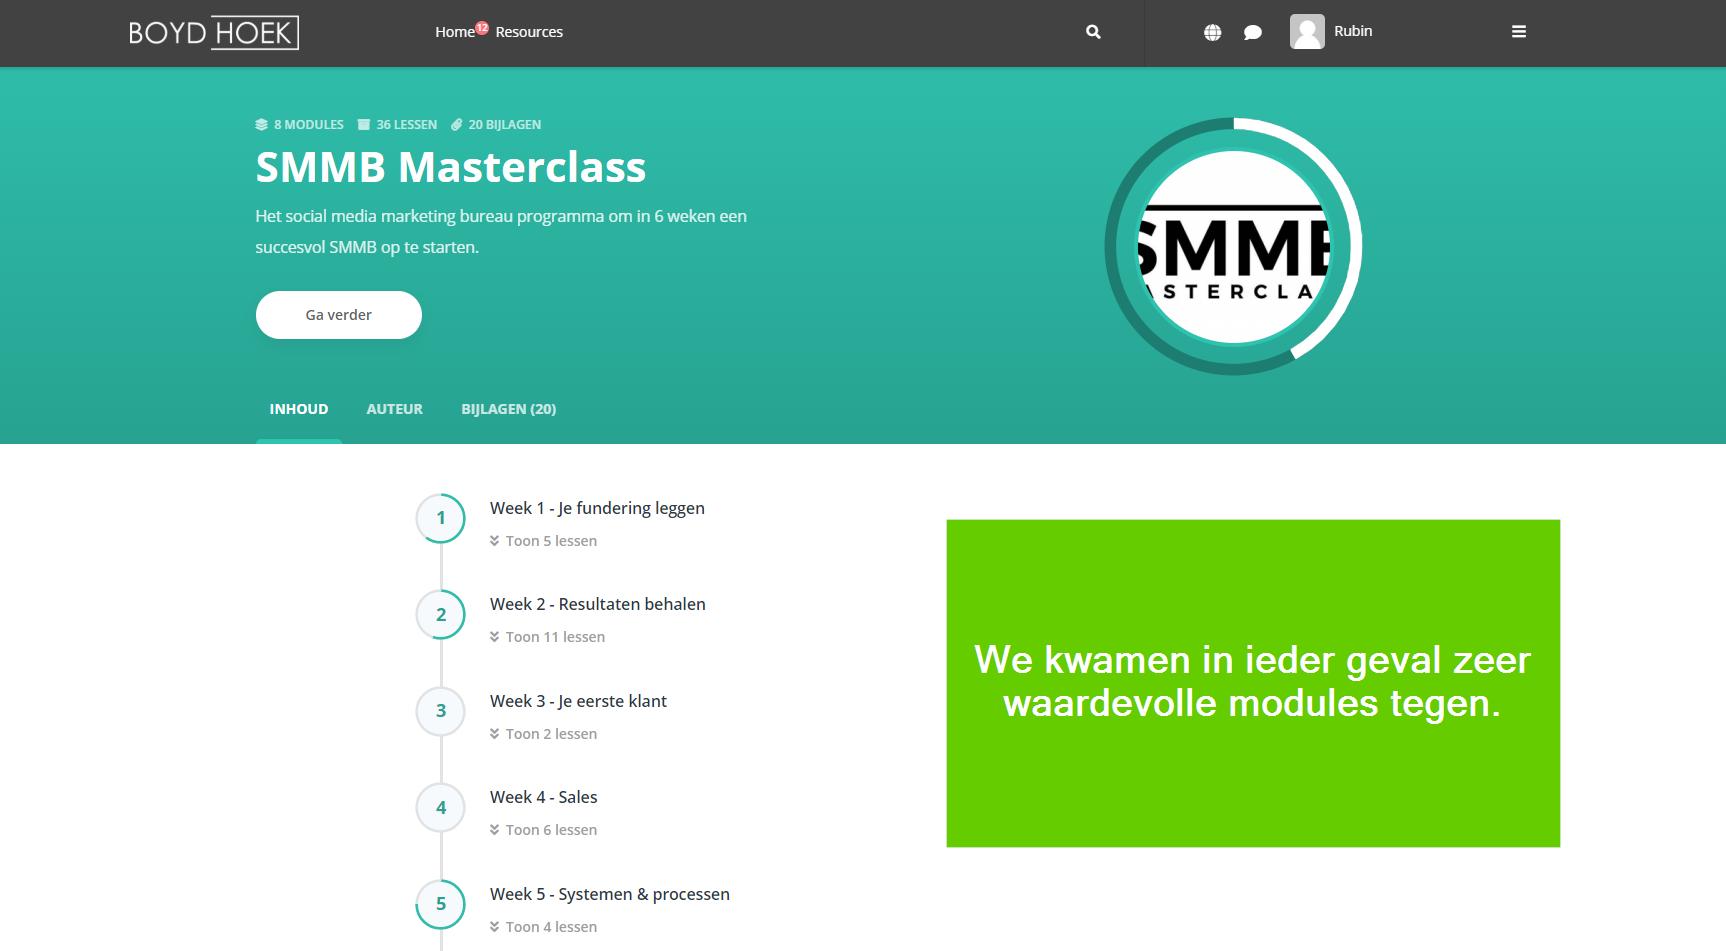 de modules van de smmb masterclass